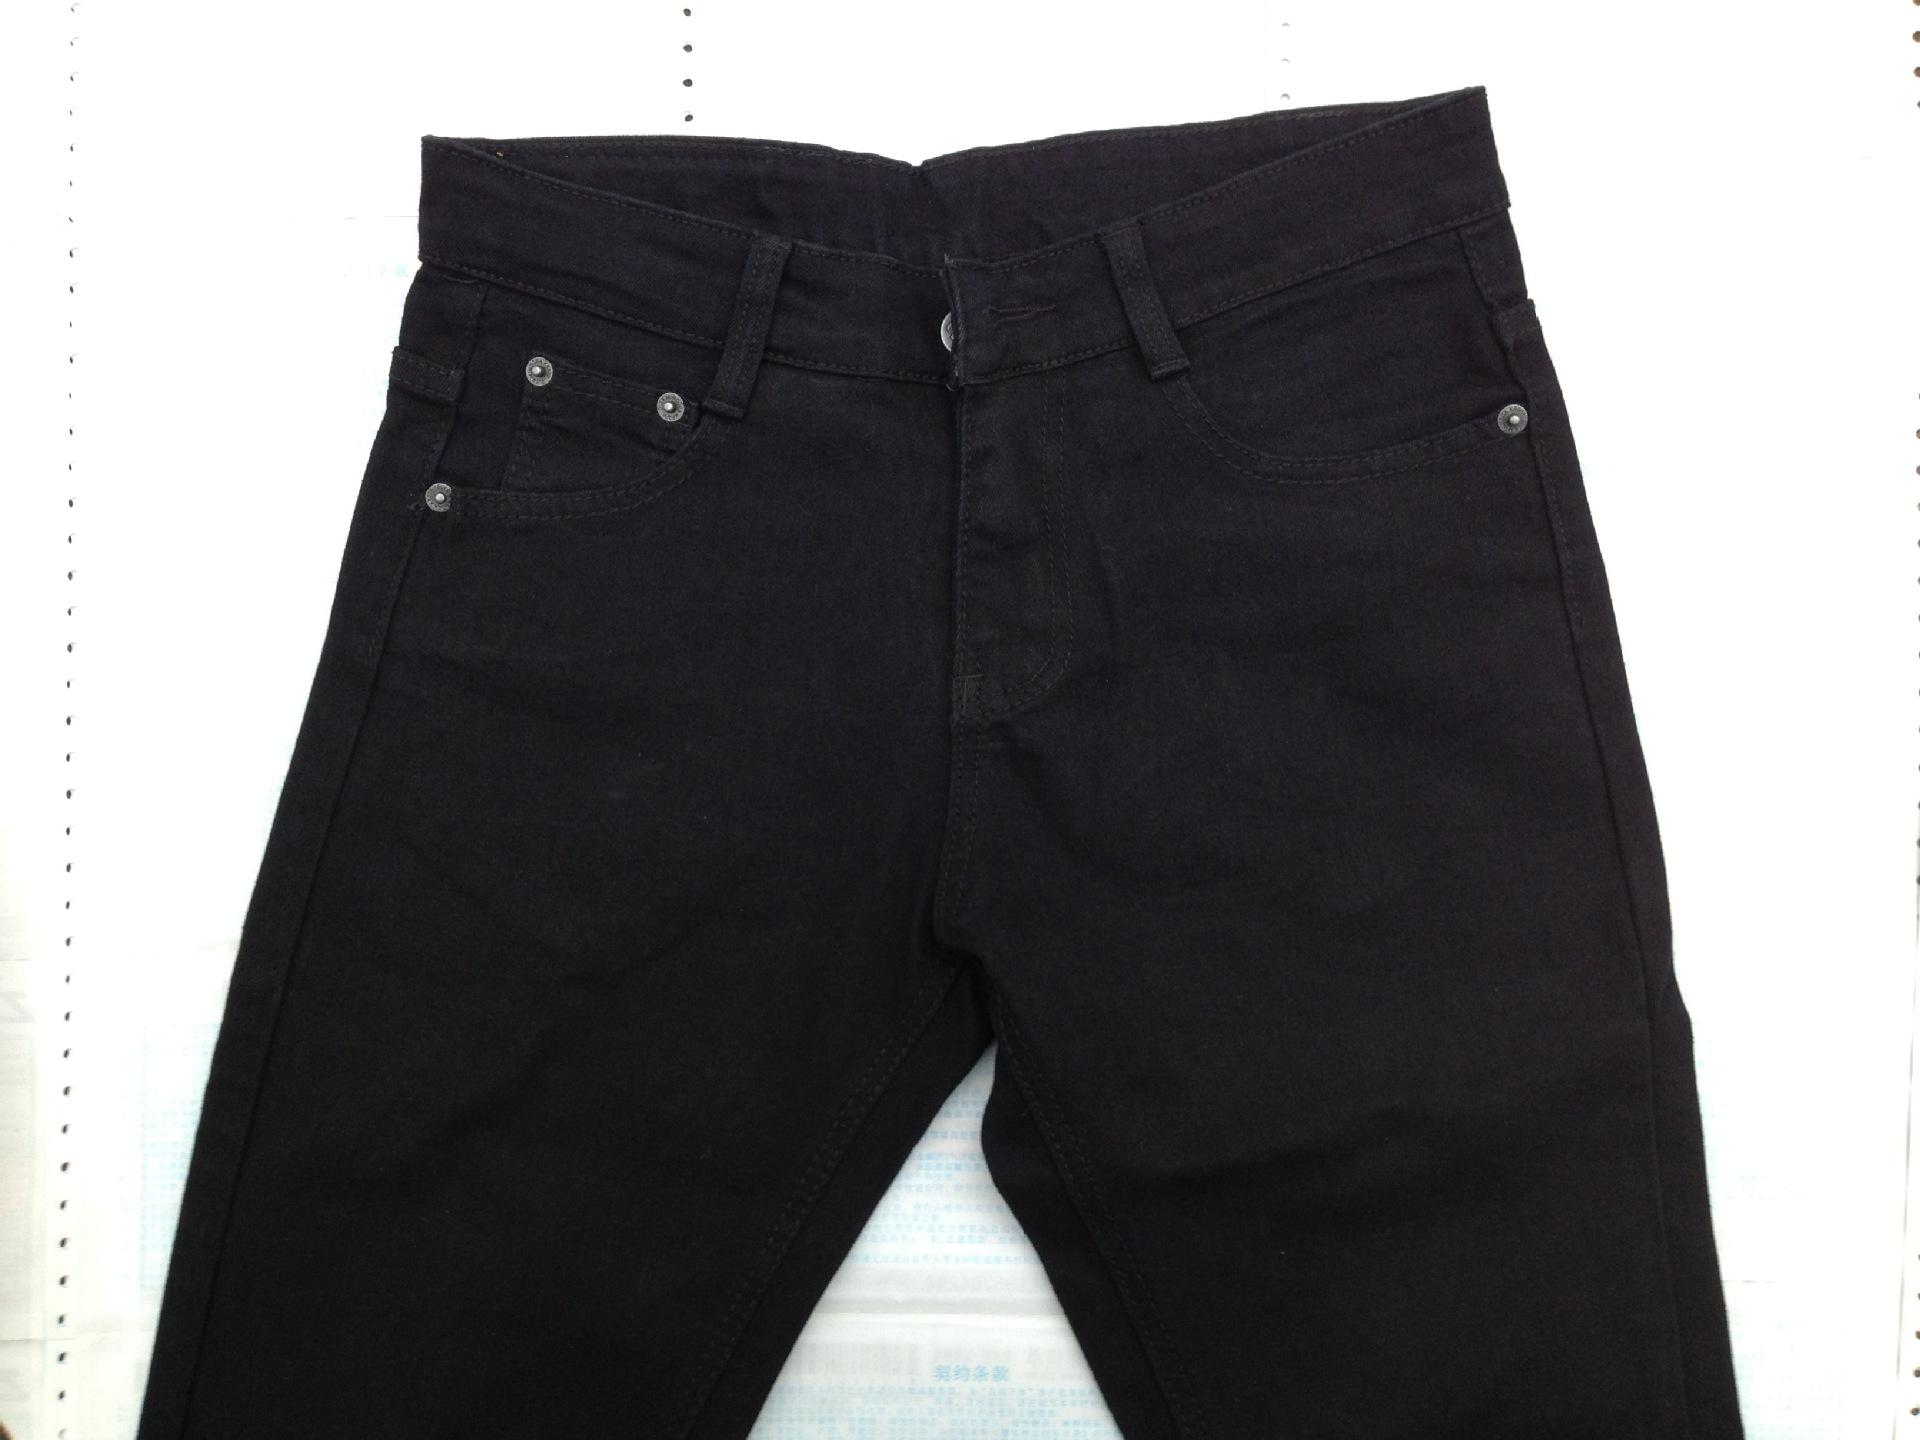 厂家定做普通款弹力牛仔裤中腰男女可穿小脚裤 女装 阿里巴巴采购平